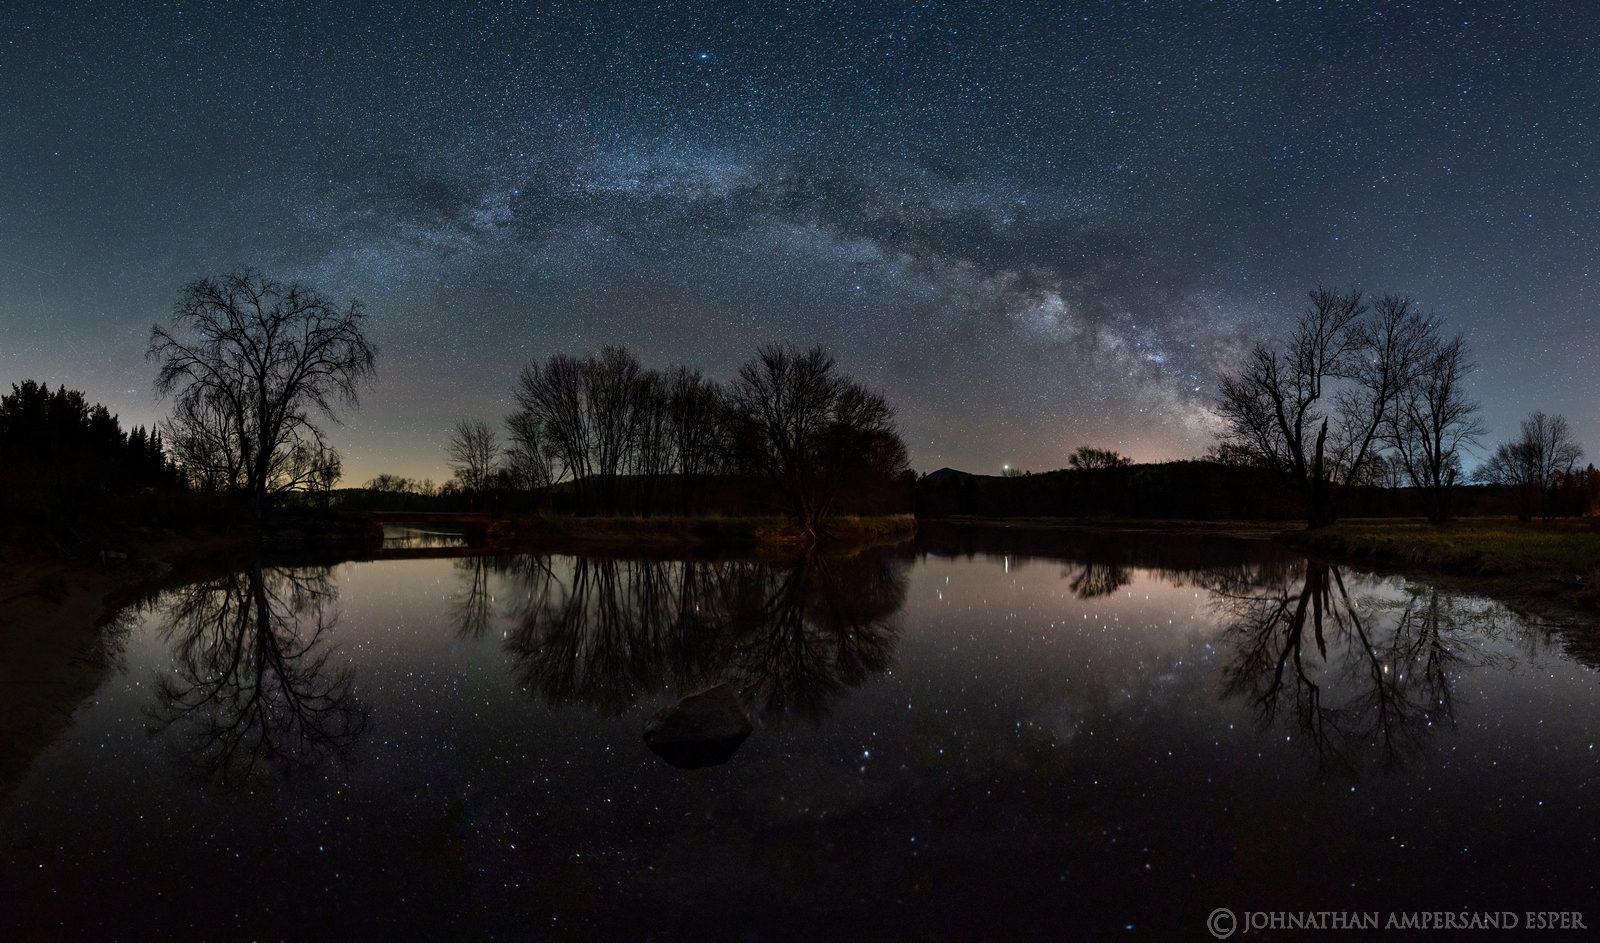 Saranac River,Bloomingdale,Milky Way,panorama,Milky Way panorama,reflection,night,stars,May,spring,2020,